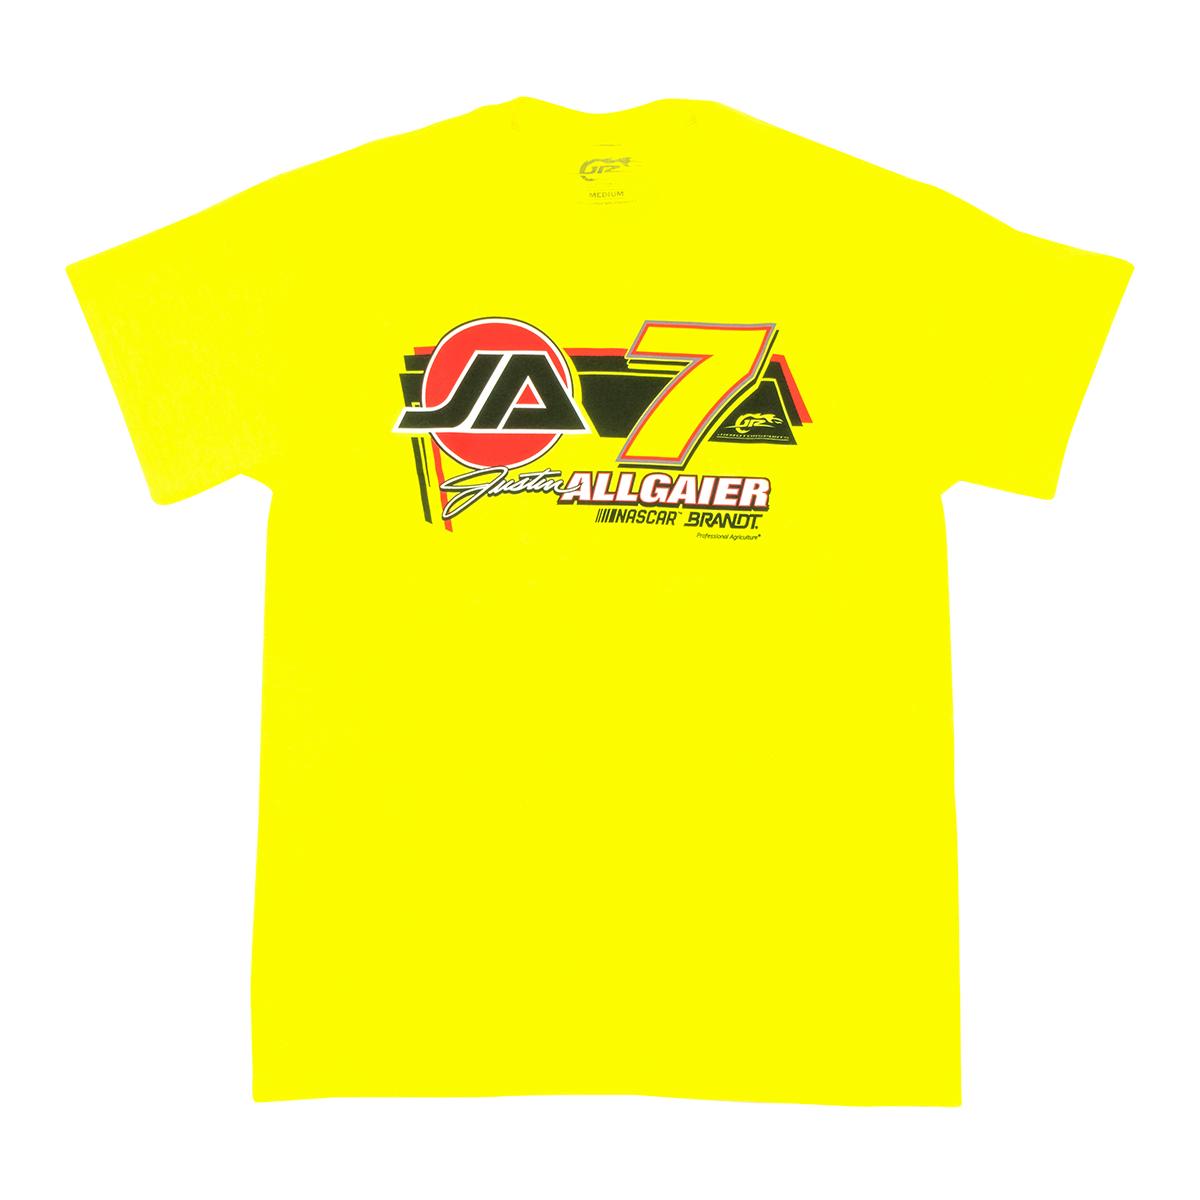 Justin Allgaier #7 2020 Brandt T-shirt